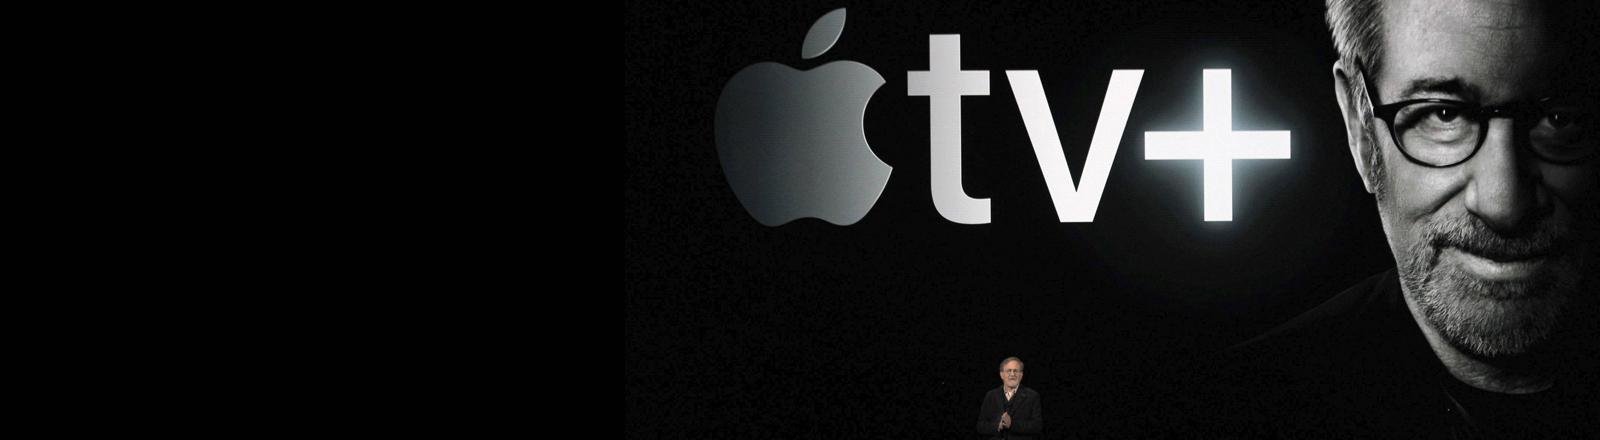 Steven Spielberg auf der Bühne der Apple-Präsentation unter einem überdimensionalen Logo für Apple TV Plus und seinem eigenen Portrait